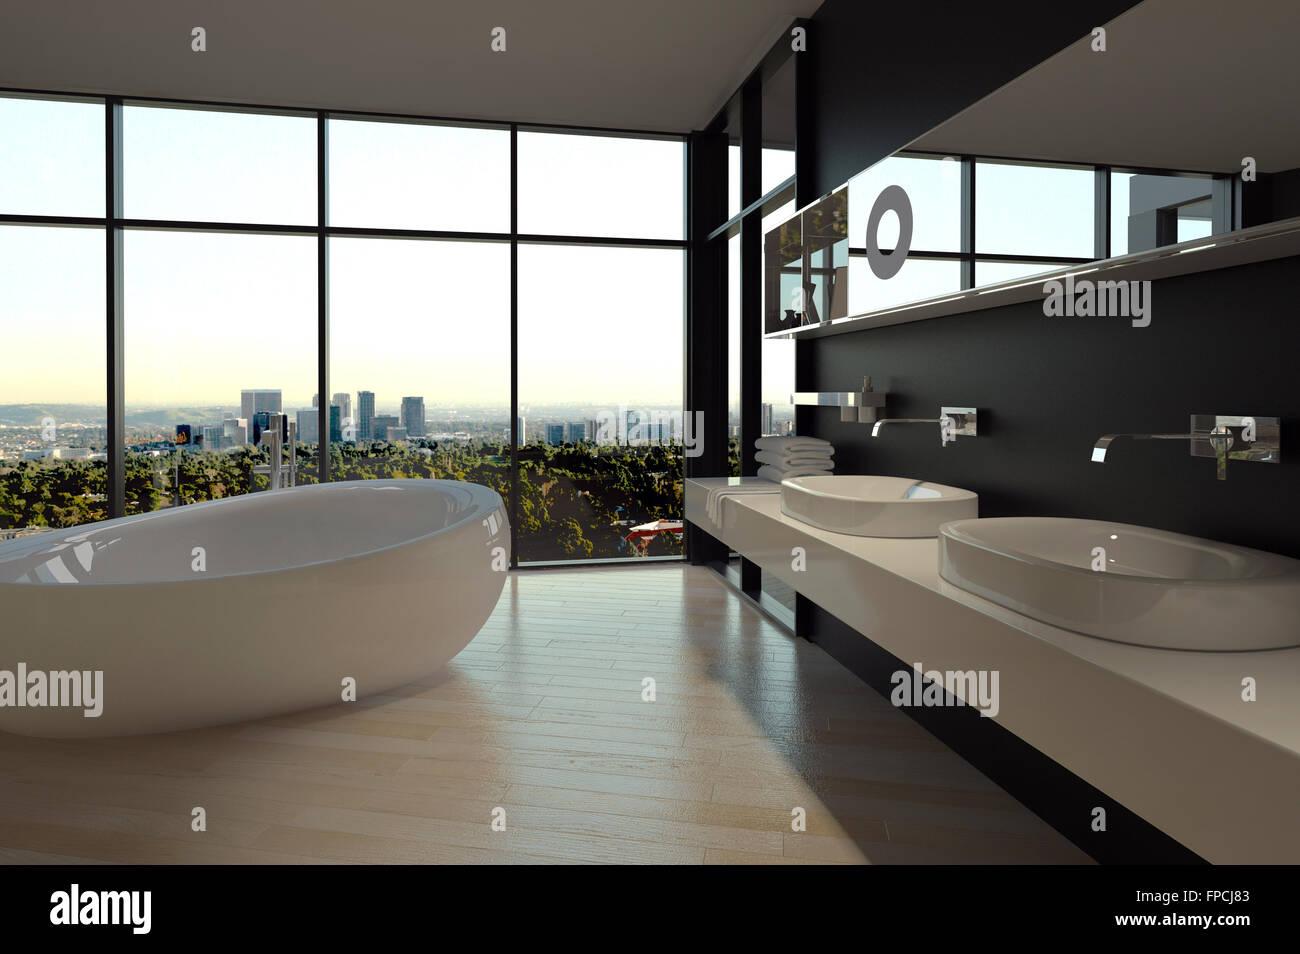 Modernes Badezimmer Interieur in einer städtischen Wohnung mit einer ...